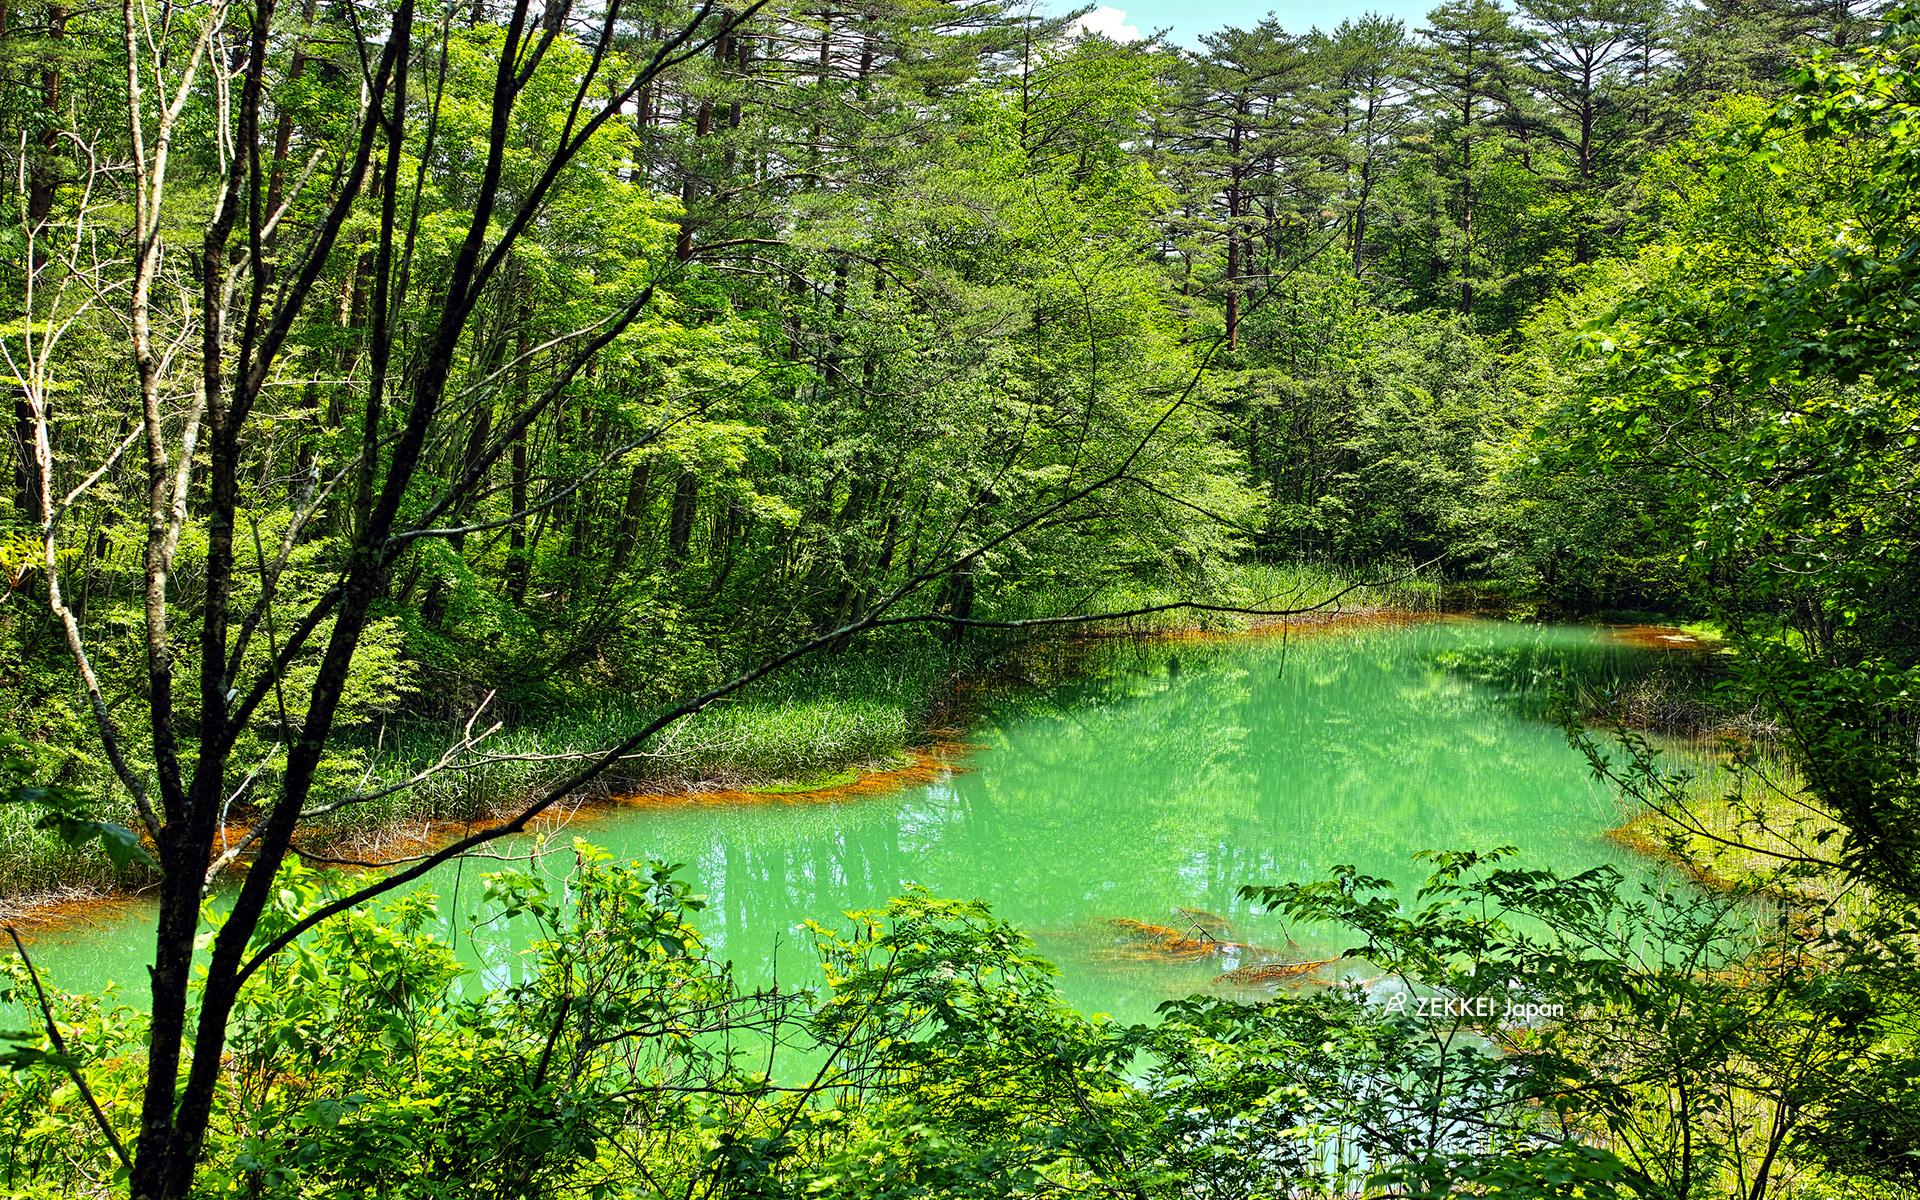 あなたのパソコンスマホに絶景を美しい池のzekkei壁紙をプレゼント